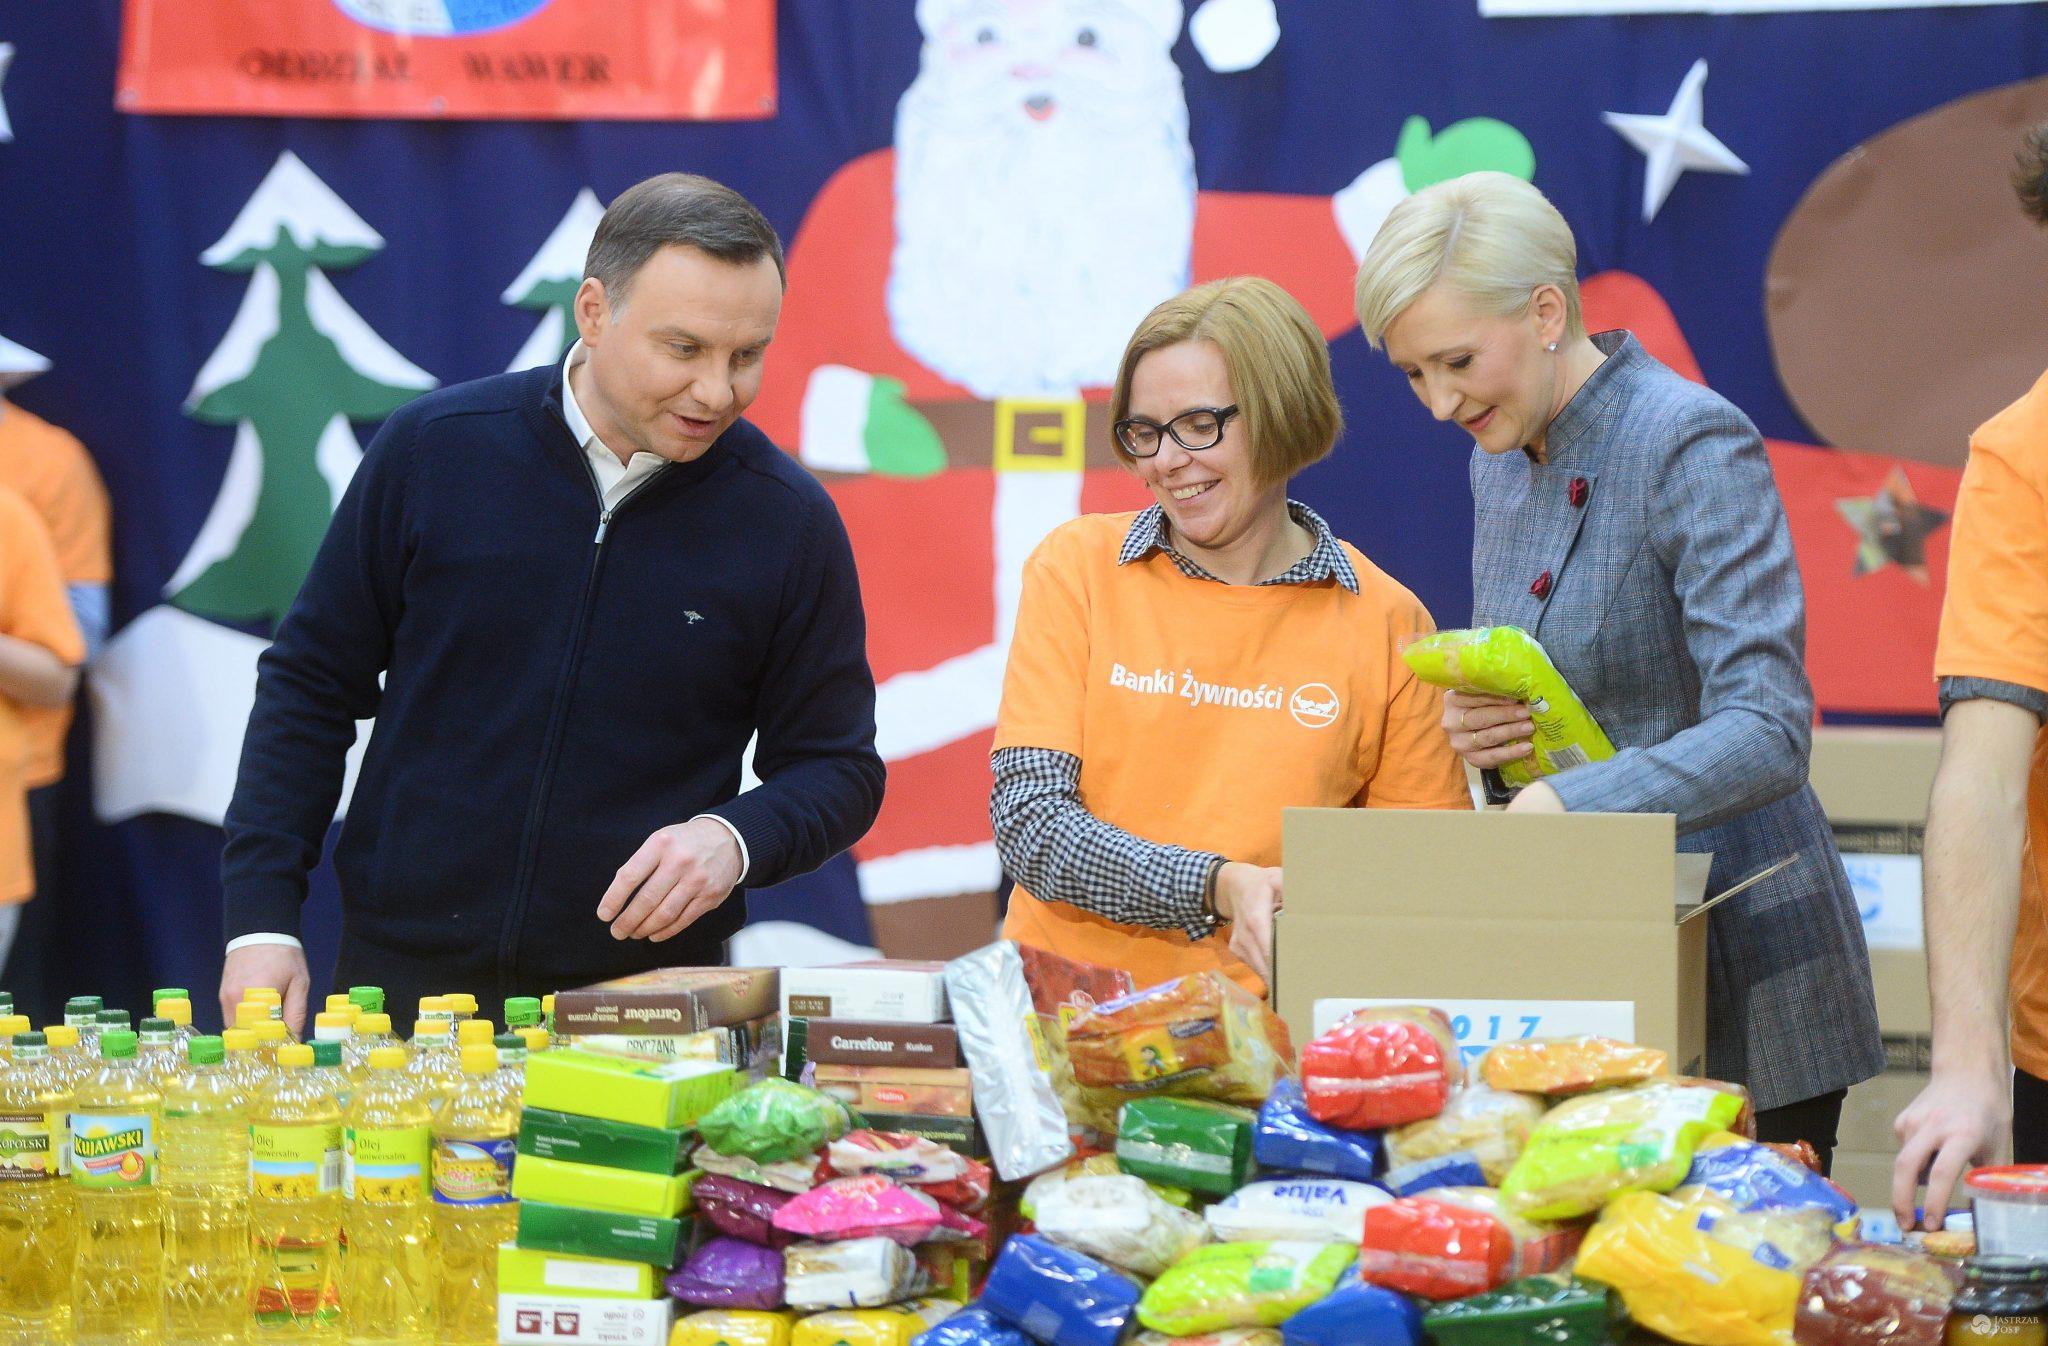 Andrzej Duda i Agata Duda - świąteczna zbiórka żywności